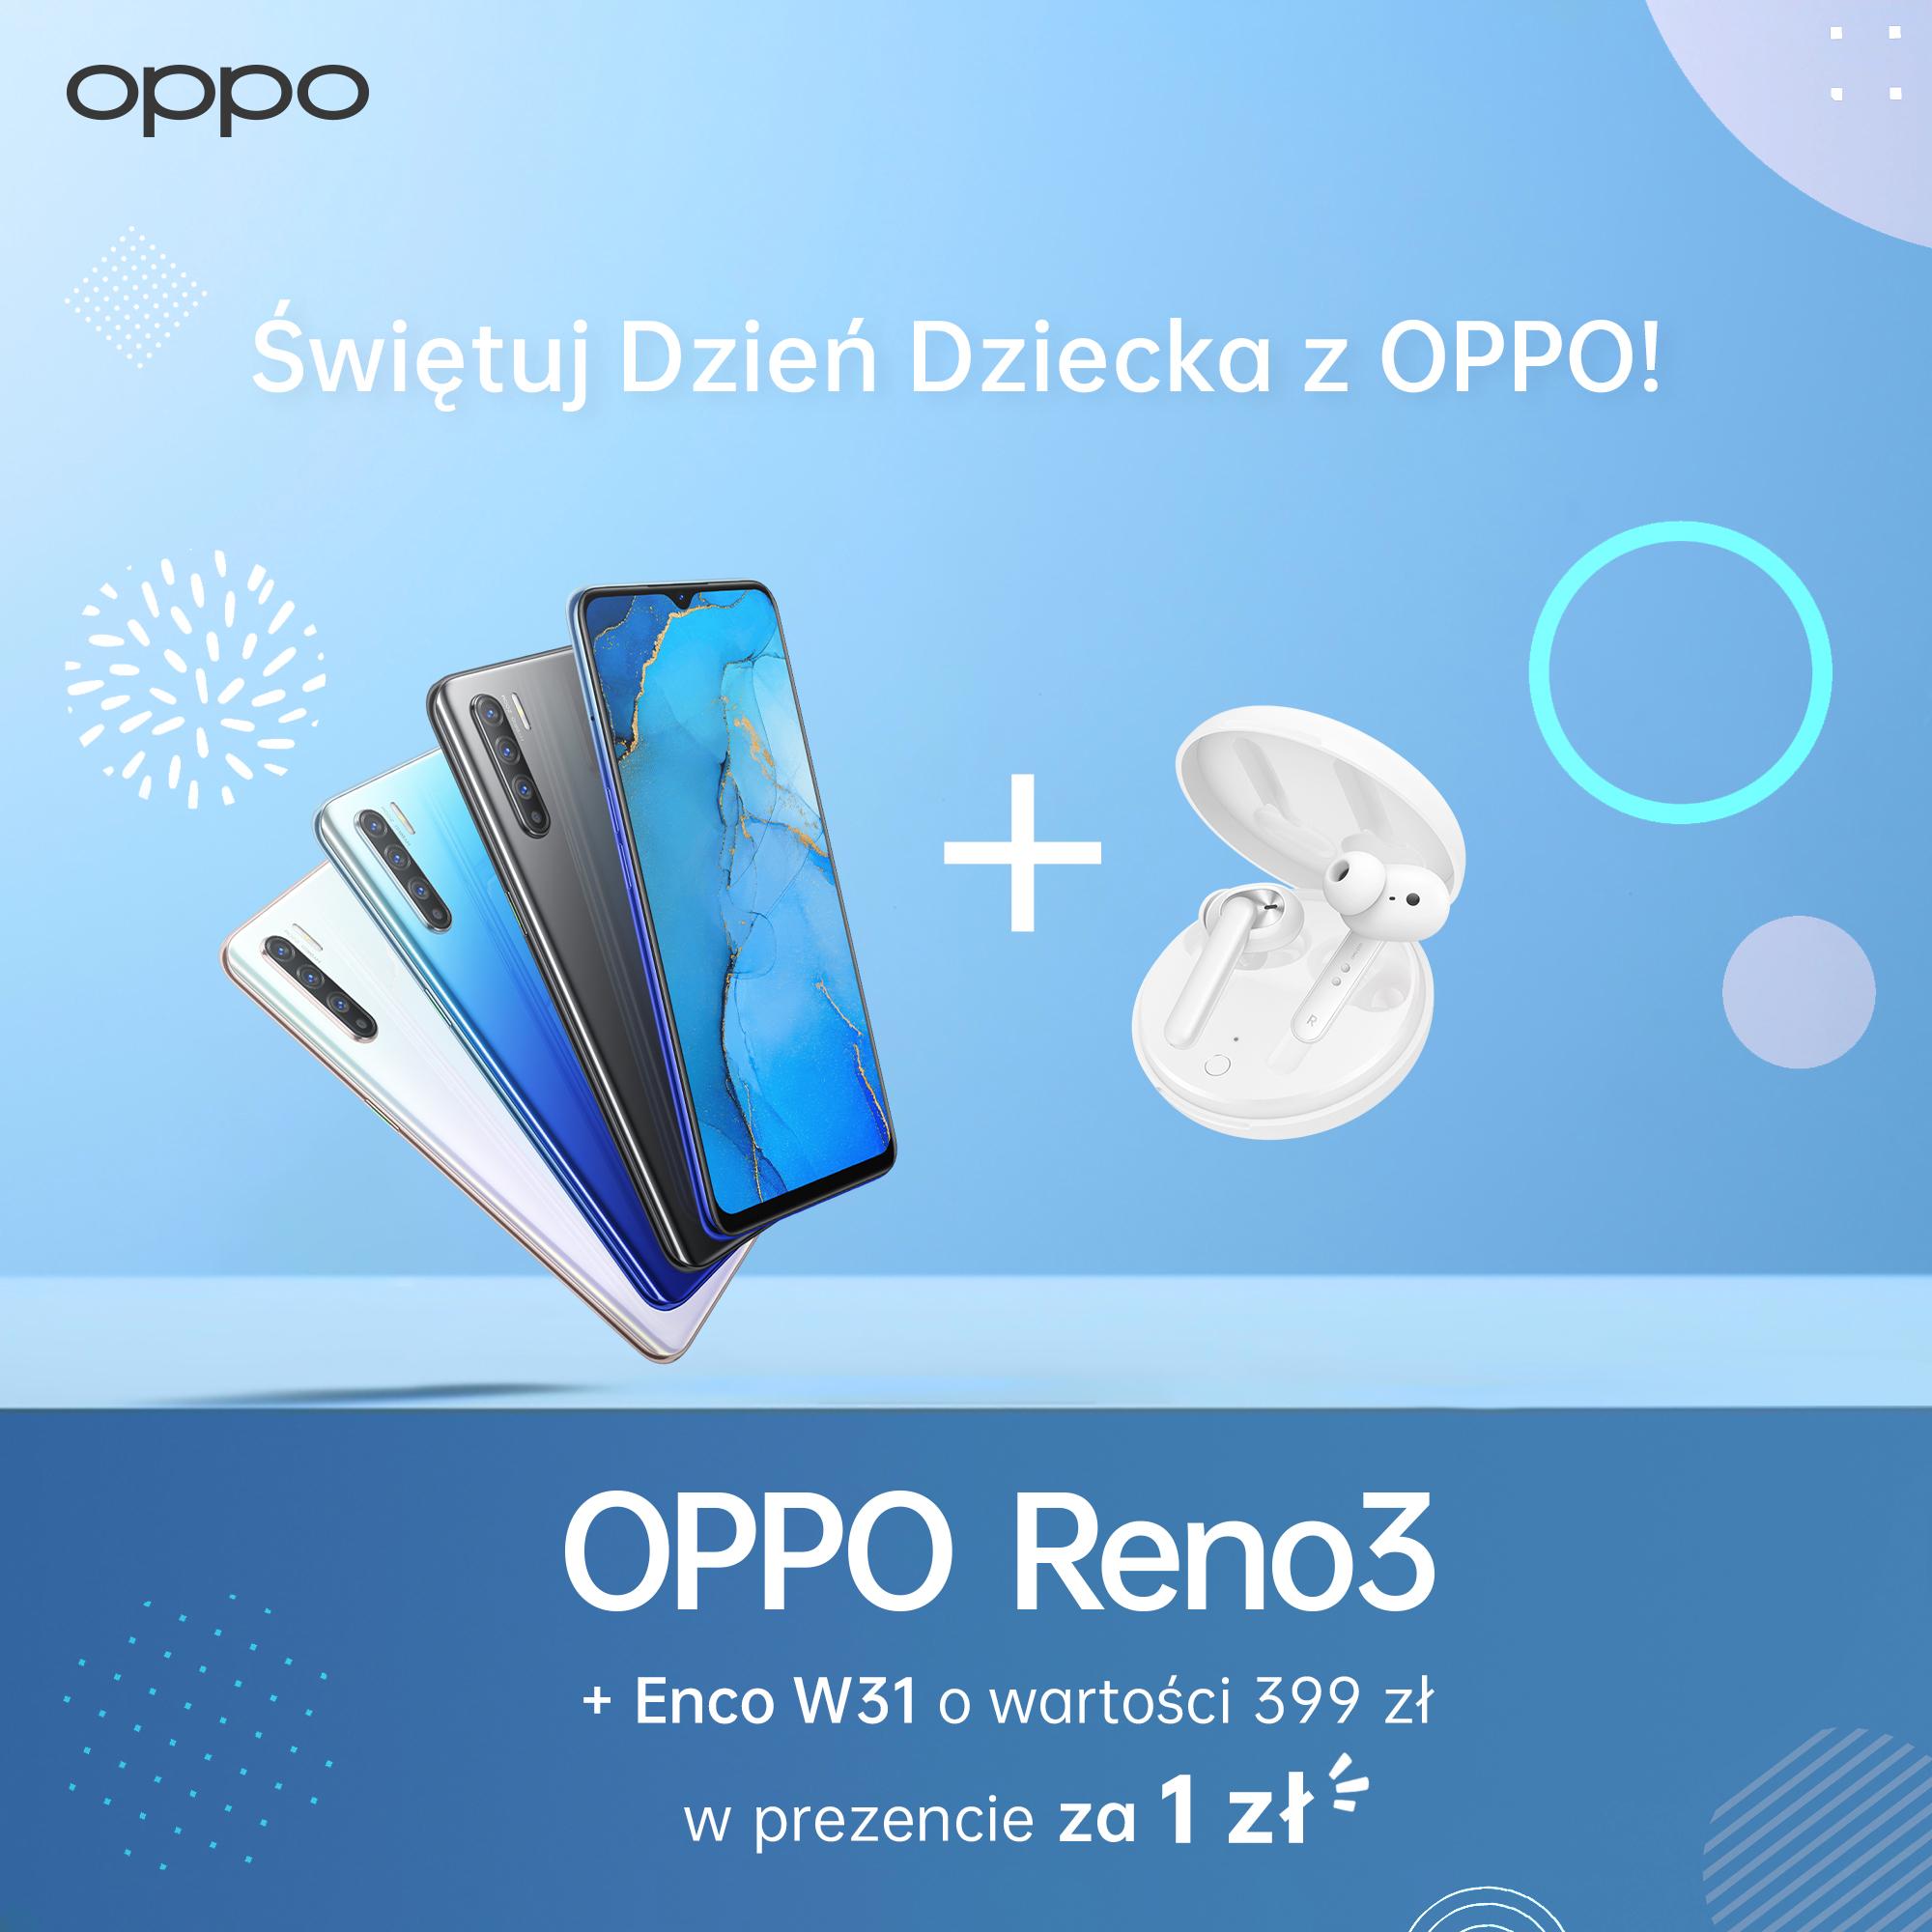 Bezprzewodowe słuchawki TWS OPPO Enco W31 debiutują w super zestawie ze smartfonem OPPO Reno3.